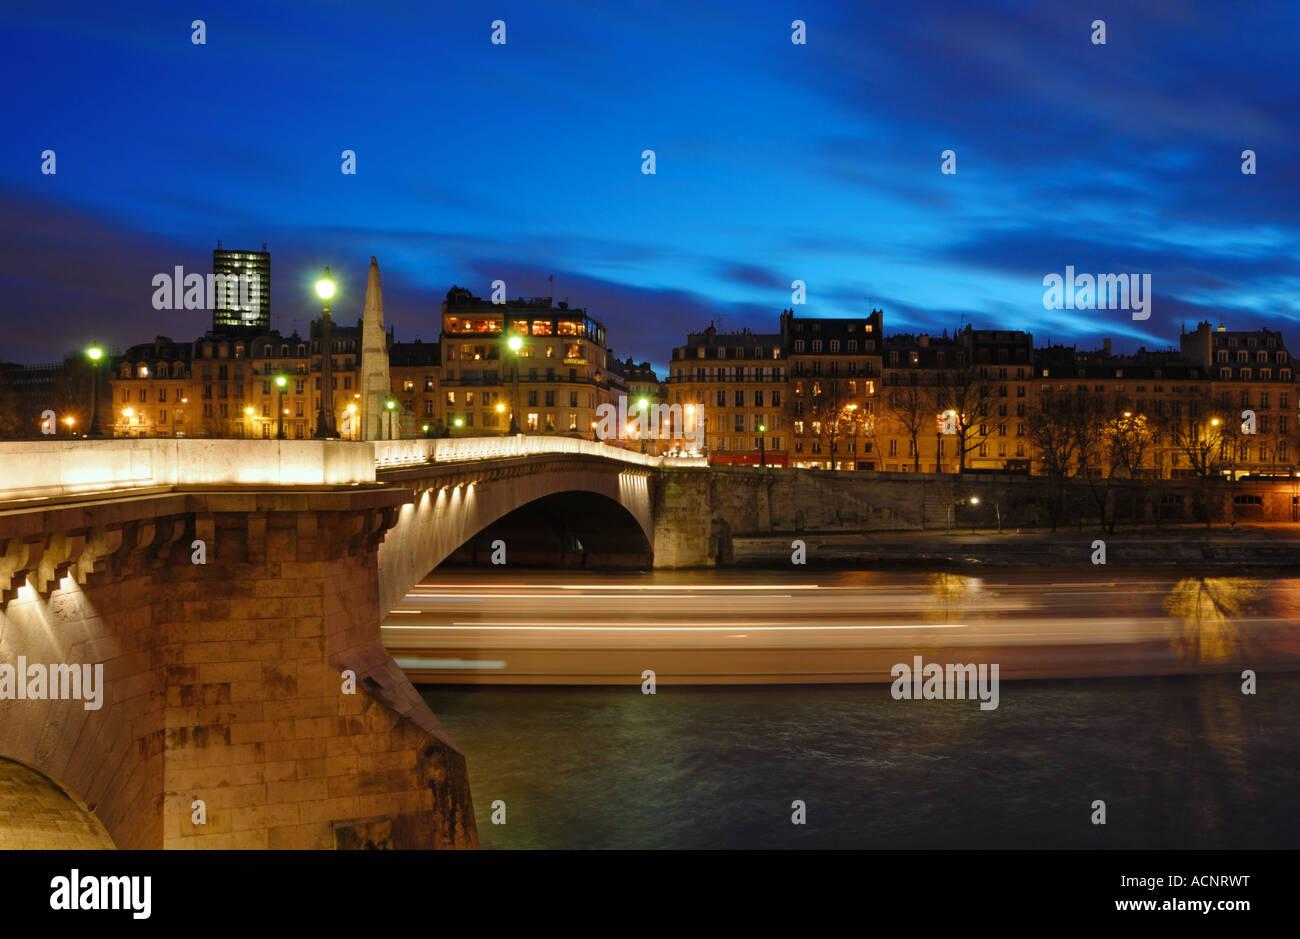 A bateau mouche passing under the Pont De la Tournelle at the blue Hour, Saint-Louis Island, Paris, France - Stock Image